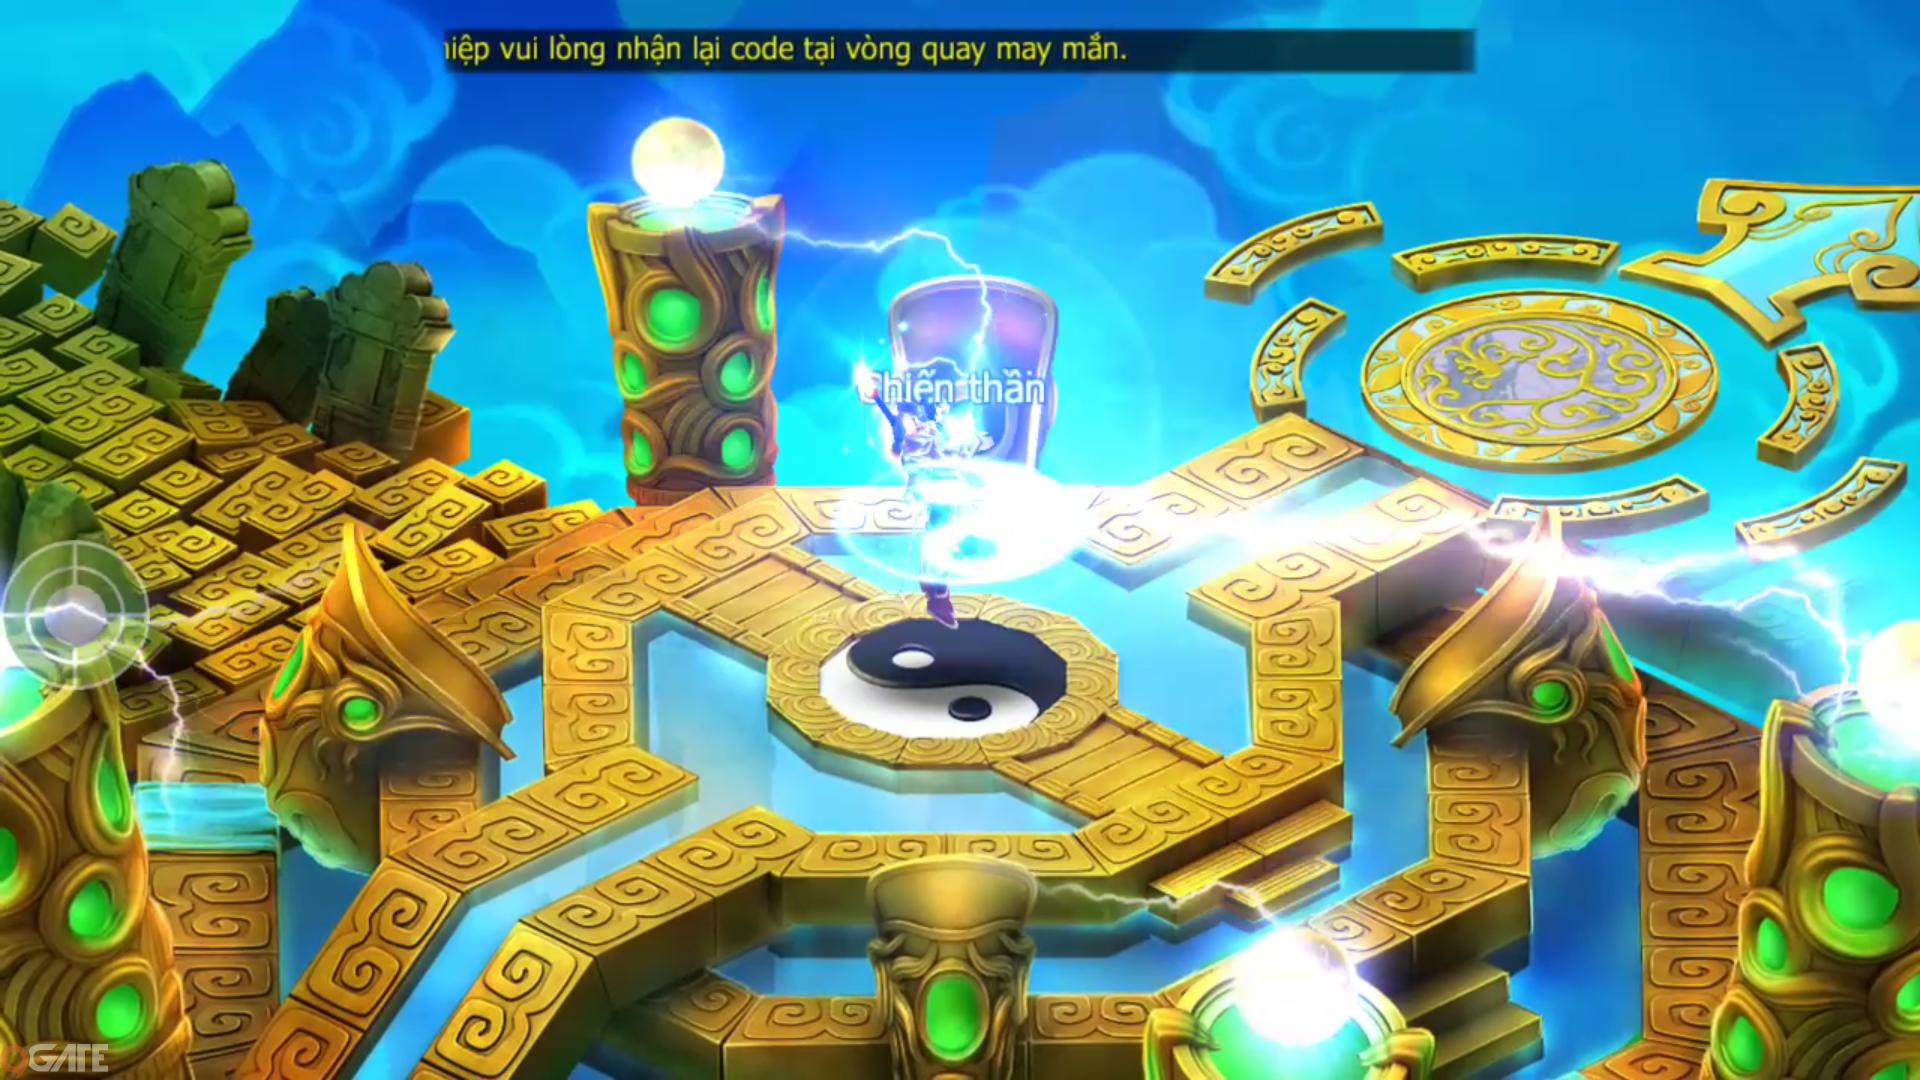 Vạn Kiếm Quy Tông: Video trải nghiệm game (Class Chiến Thần)